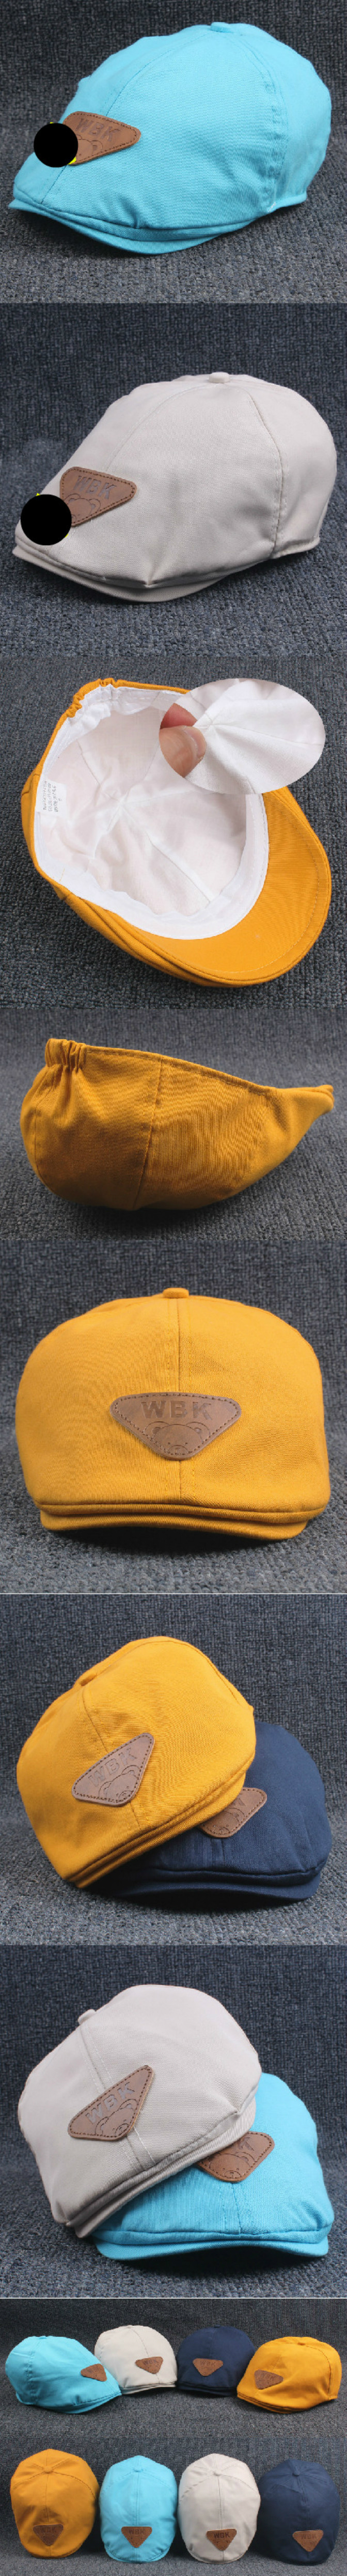 ad91bffa Gorros de boina de algodón de moda para niños y niñas, gorro de verano para  chico 1- 5 YearsWarm